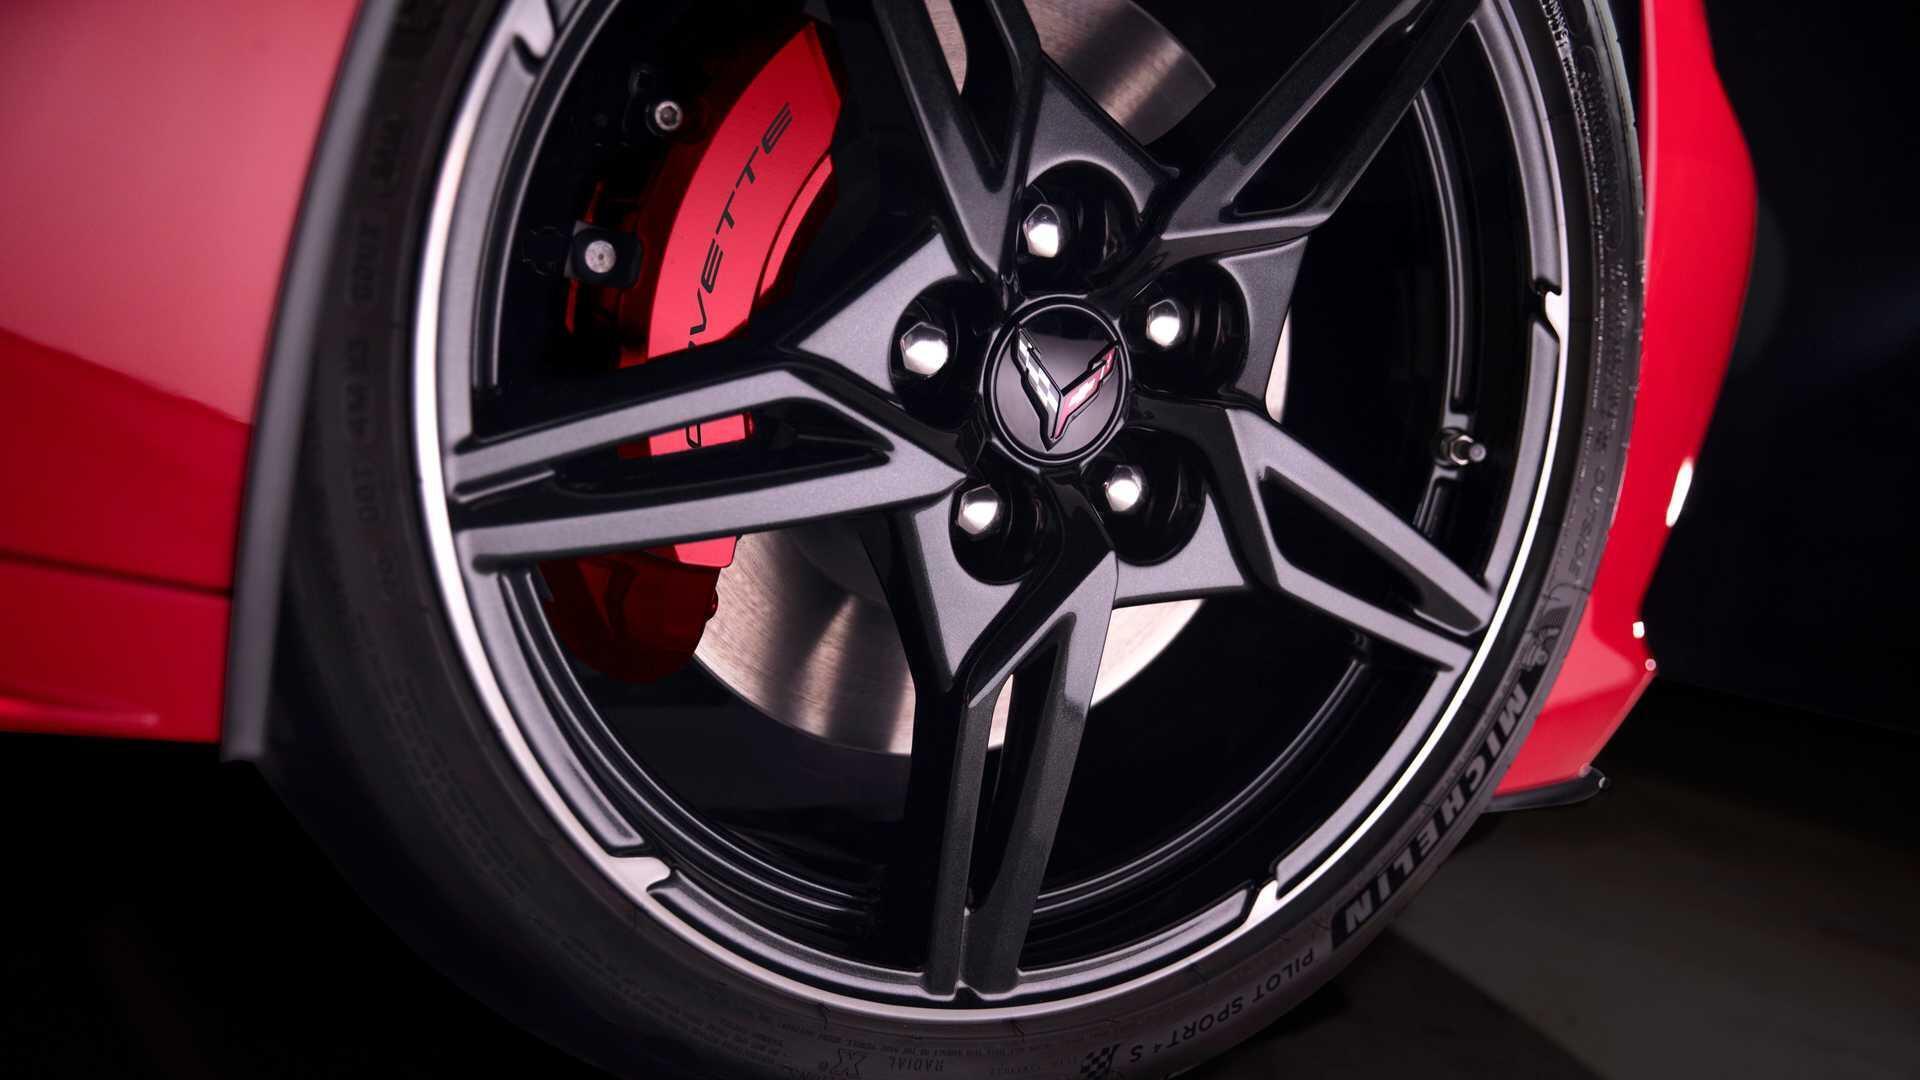 https://cdn.dailyxe.com.vn/image/chevrolet-corvette-2020-co-mot-so-tinh-nang-an-tuyet-voi-67-94566j2.jpg